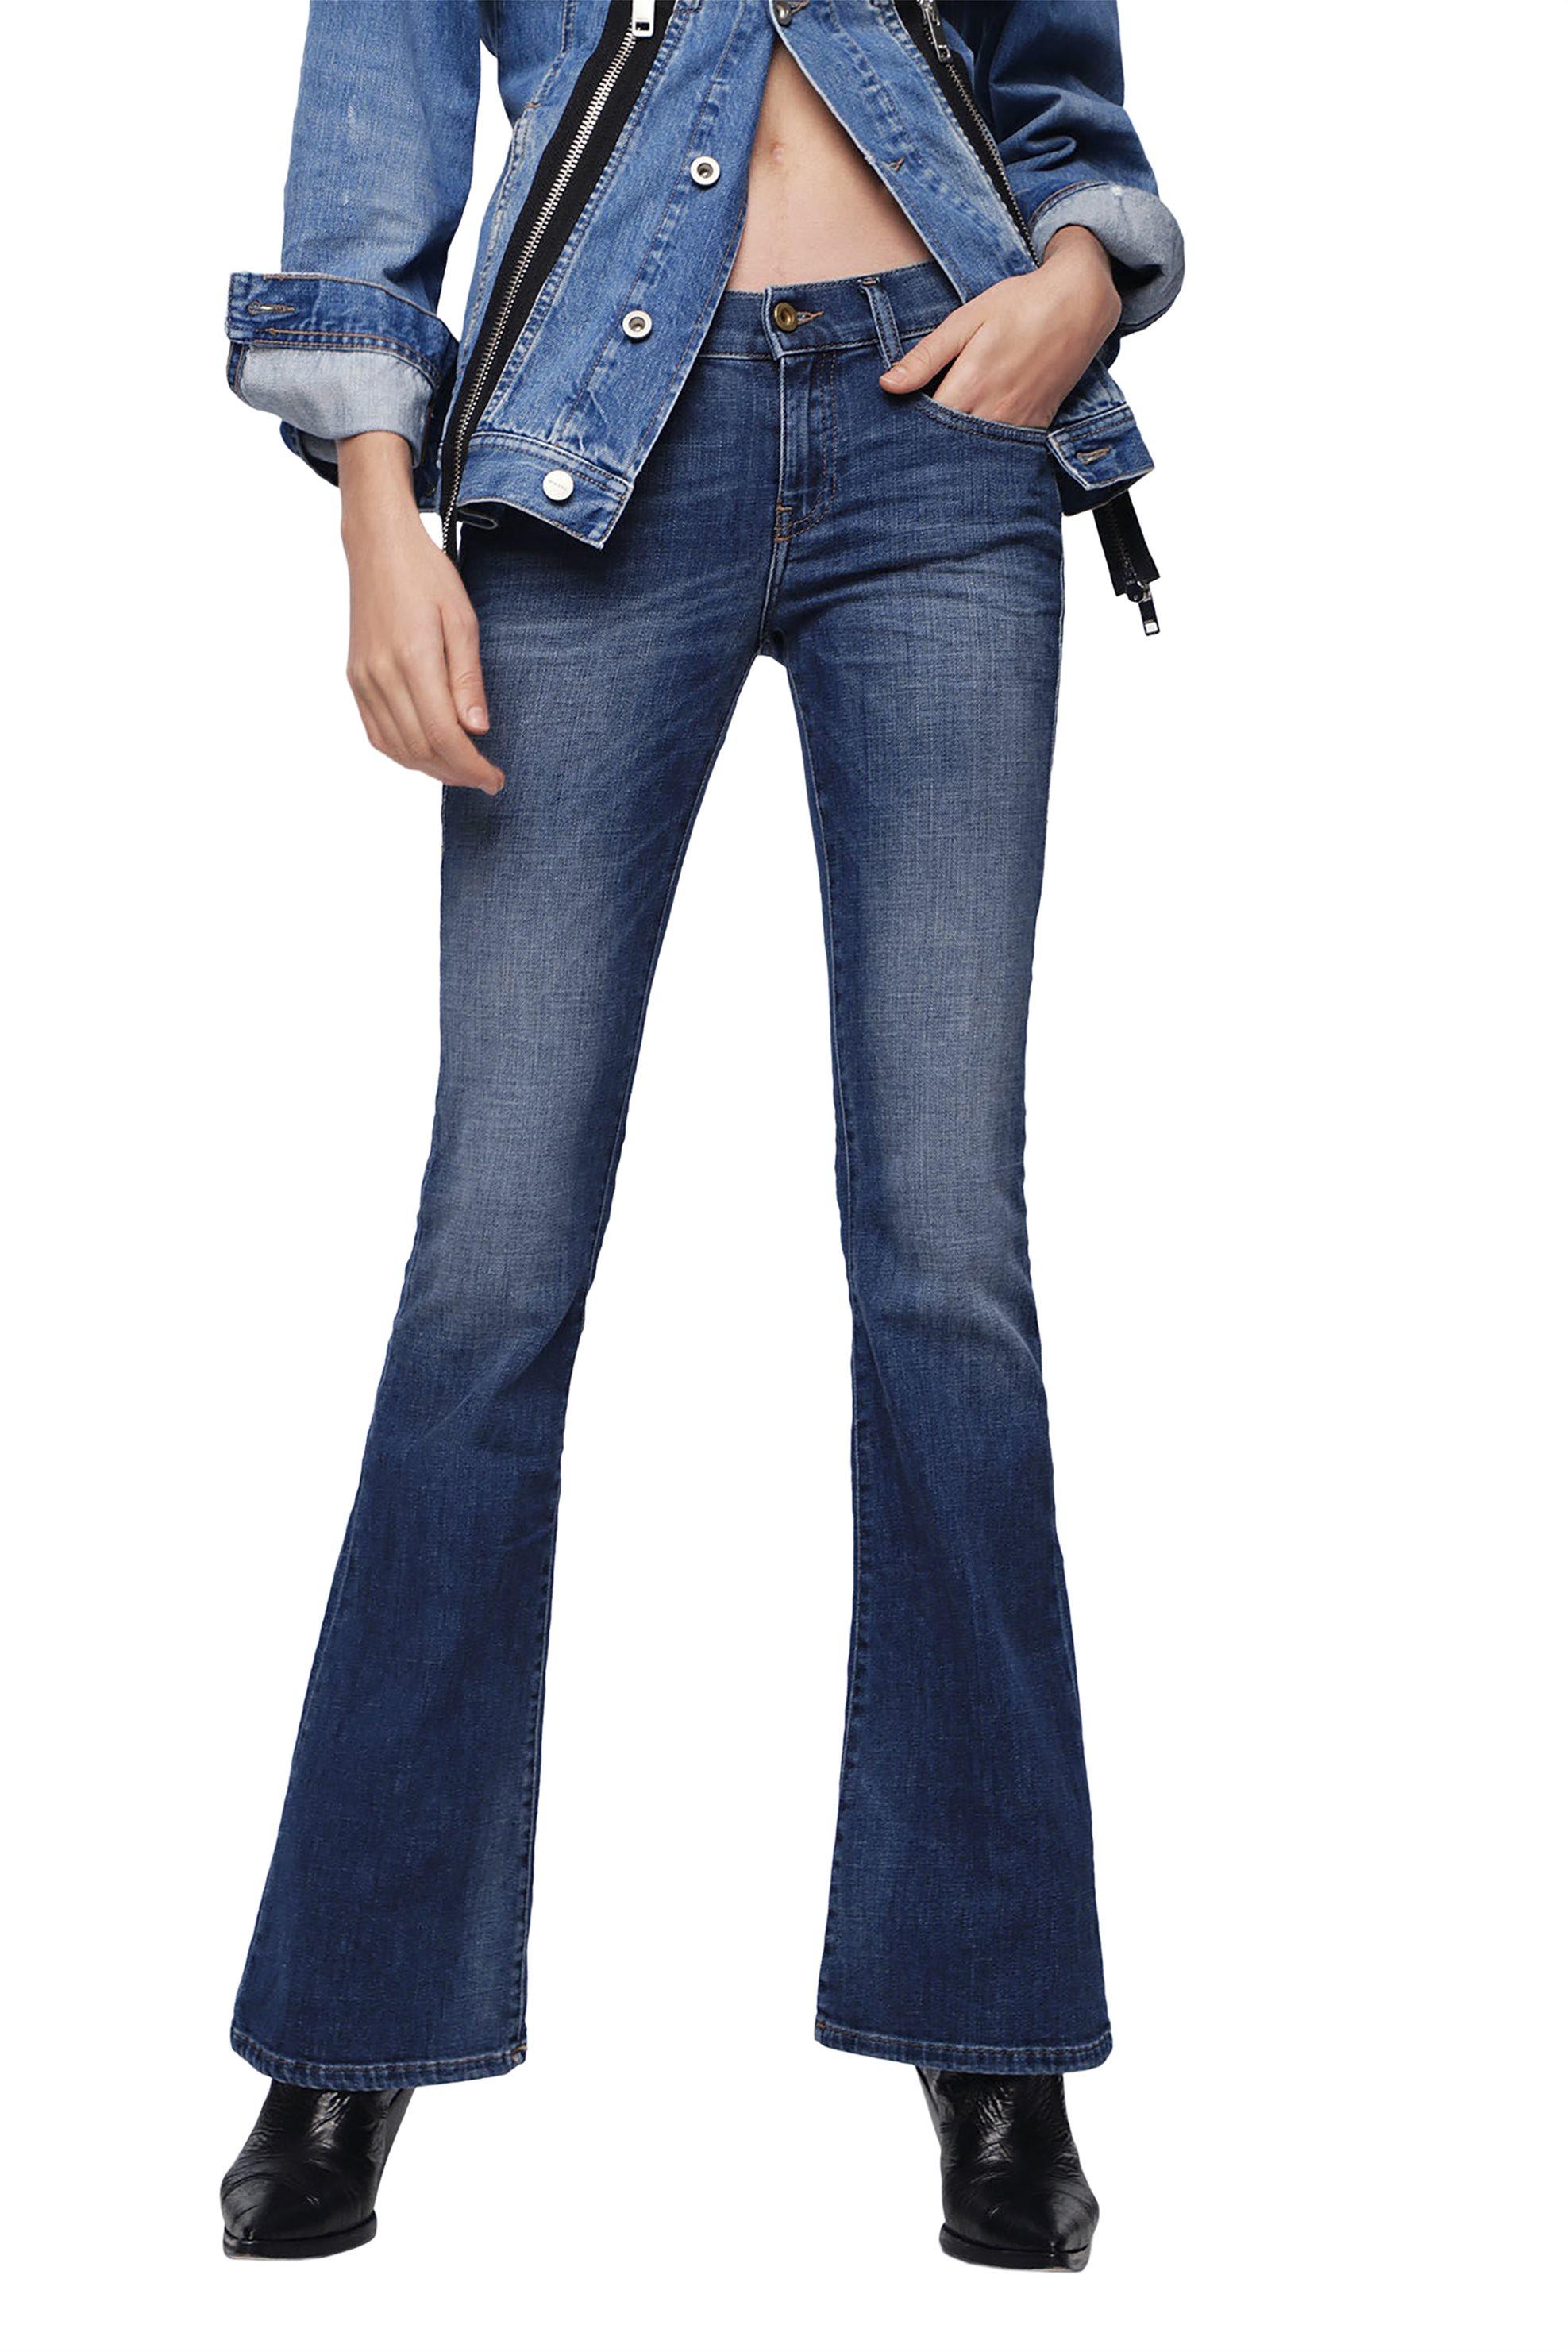 383f8783a0c Καμπάνα | Γυναικεία Παντελόνια (Ταξινόμηση: Δημοφιλέστερα) | Σελίδα ...